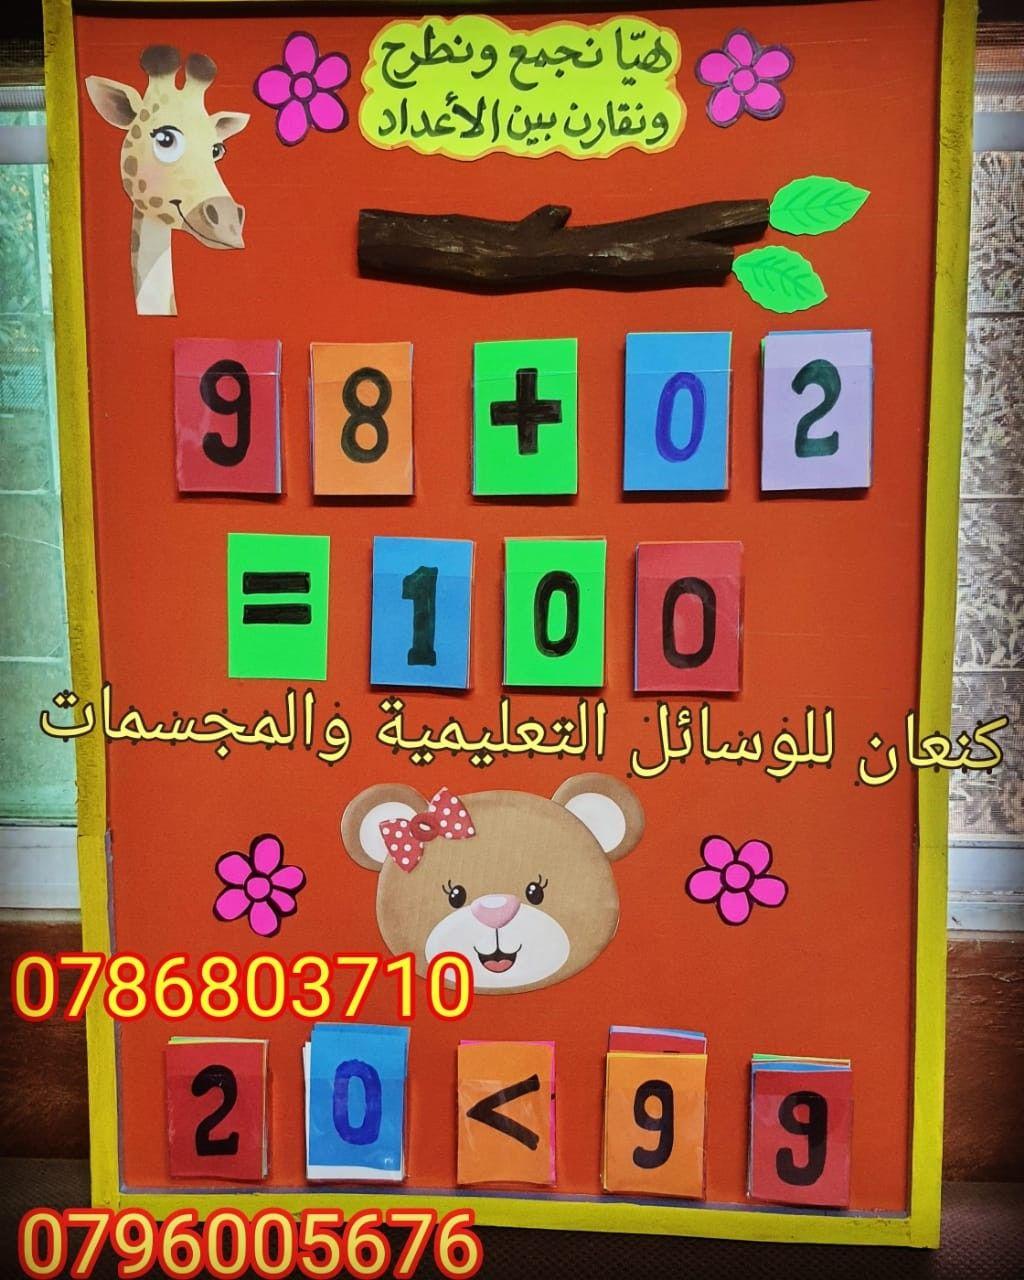 وسيلة تعليمية لتعليم المقارنة بين الاعداد Math For Kids Math Kids